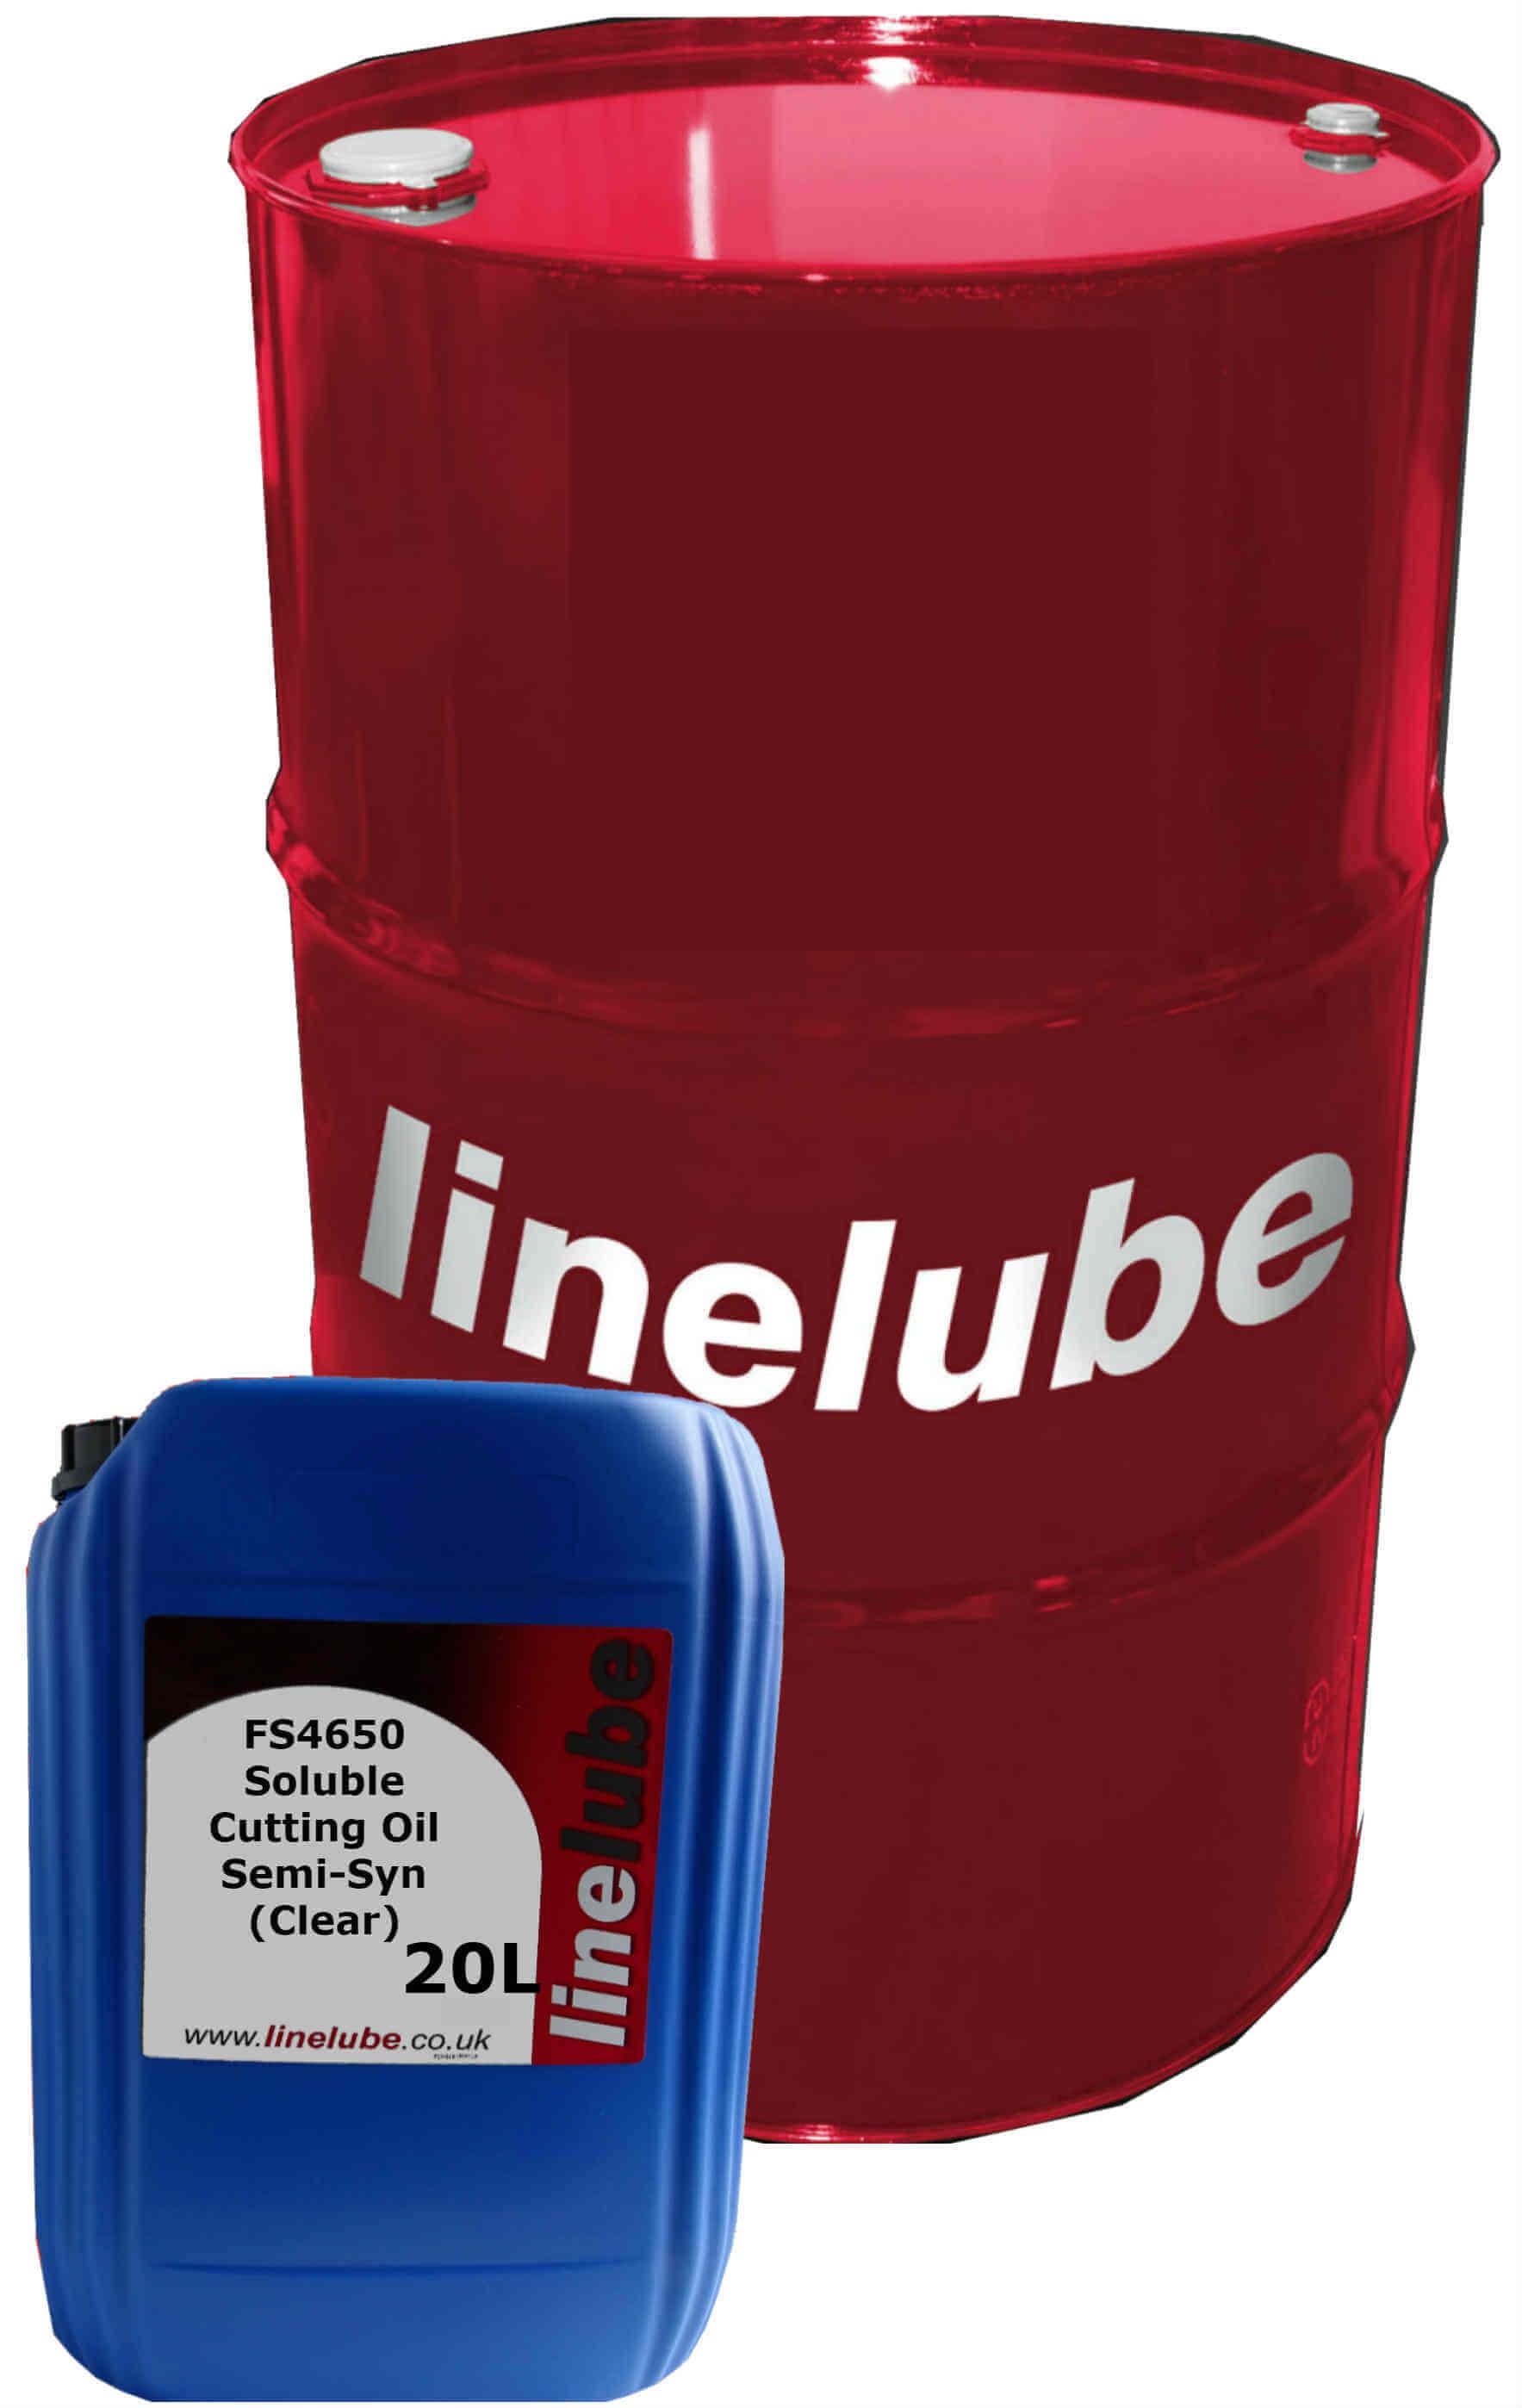 linelube FS4650 Soluble Cutting Oil Semi-Syn (Clear)